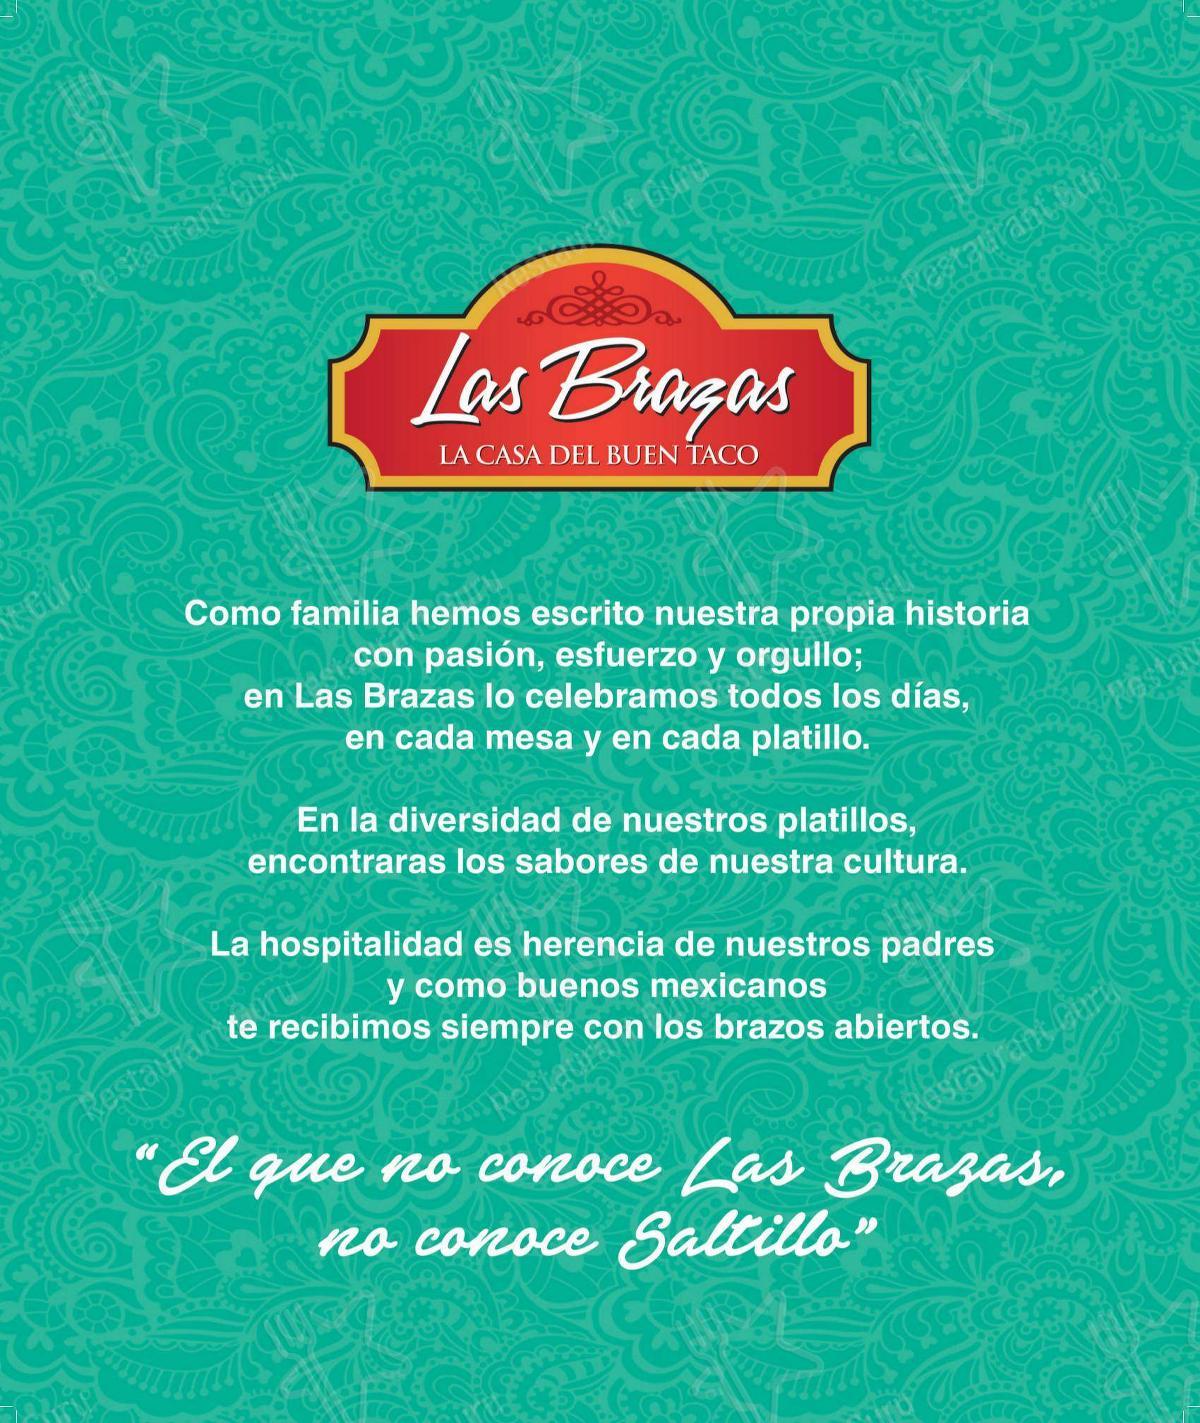 Mira la carta de Las Brazas - Paseo Tec